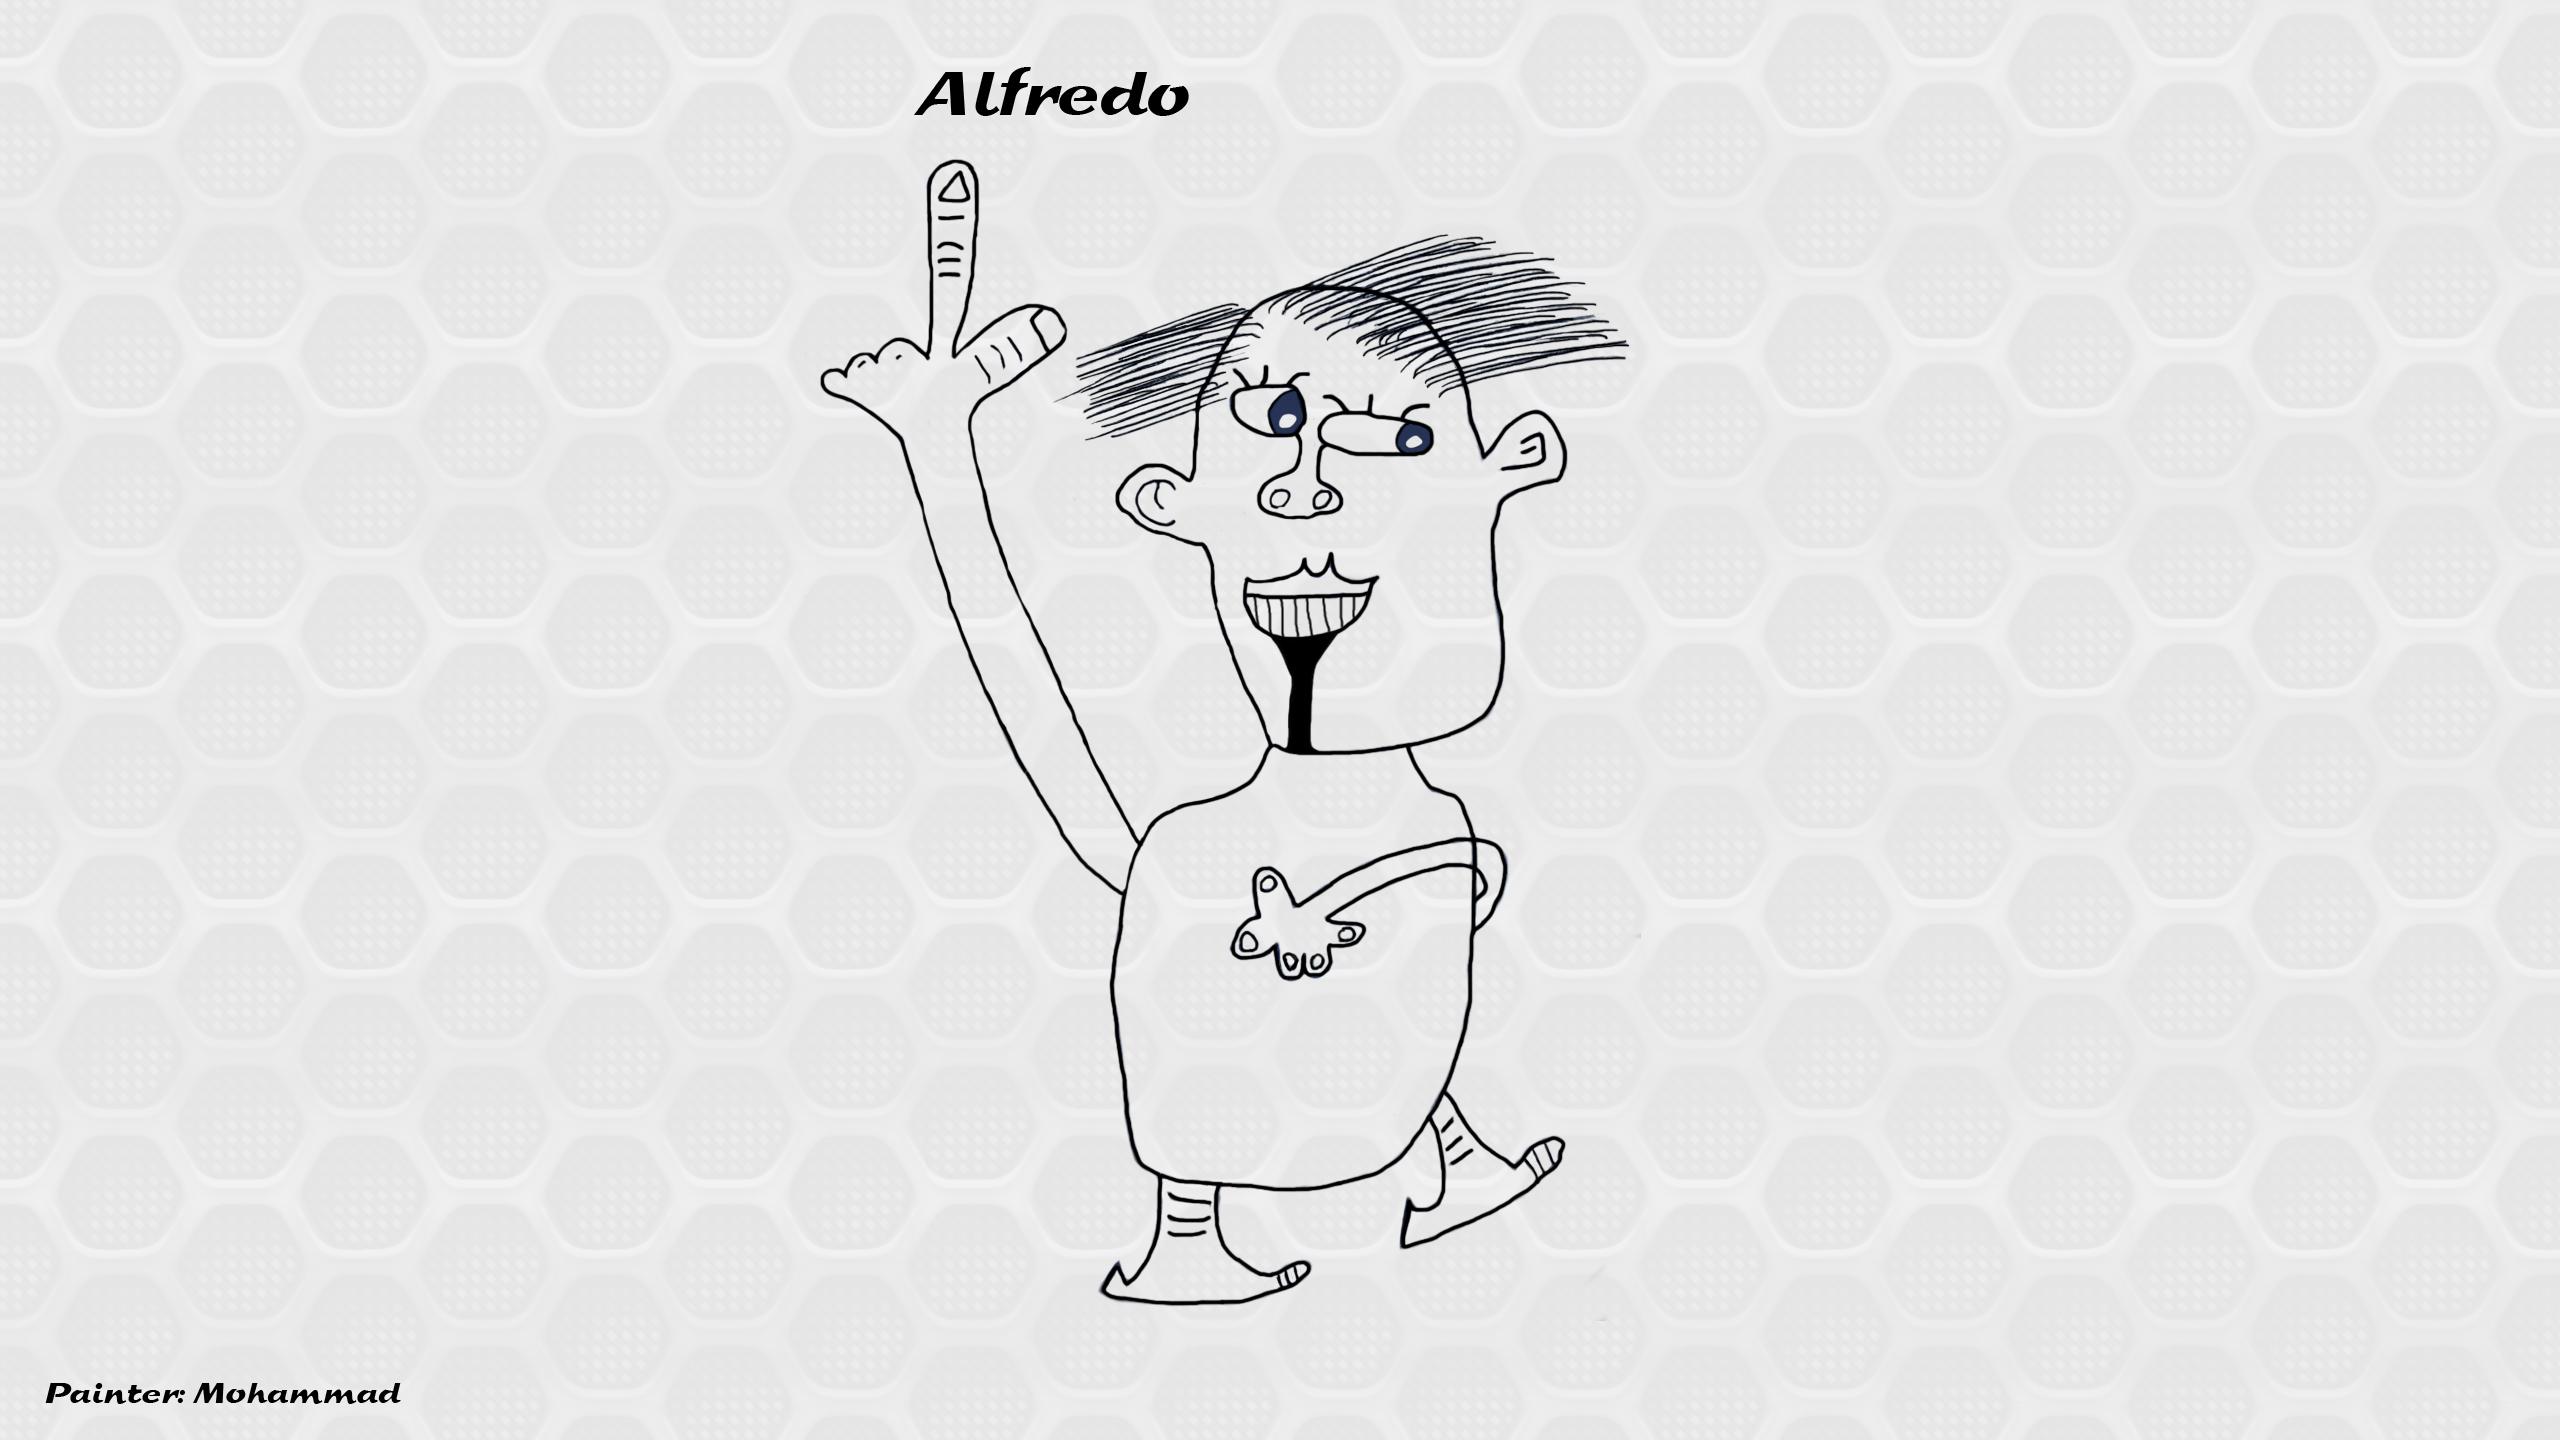 کاریکاتور آلفردو